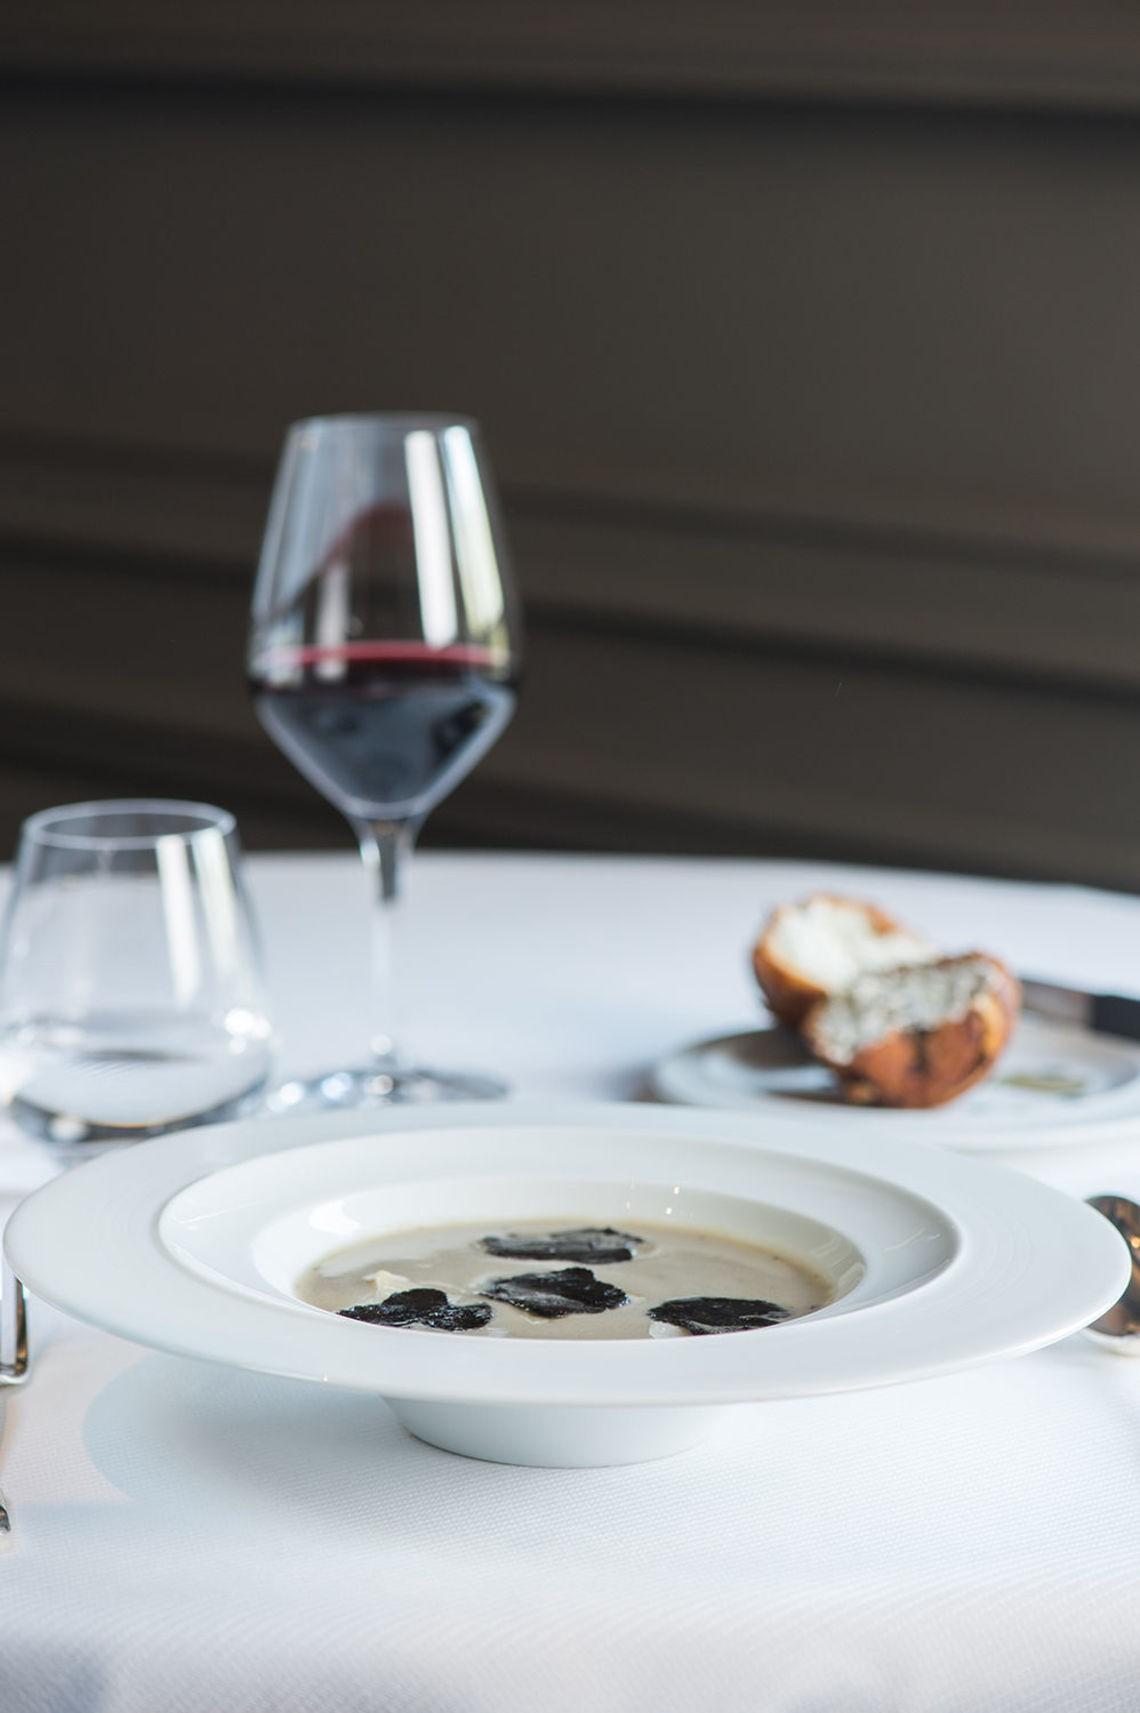 Soupe d'artichaut a la truffe noire  brioche feuilletee %28c%29 laurence mouton